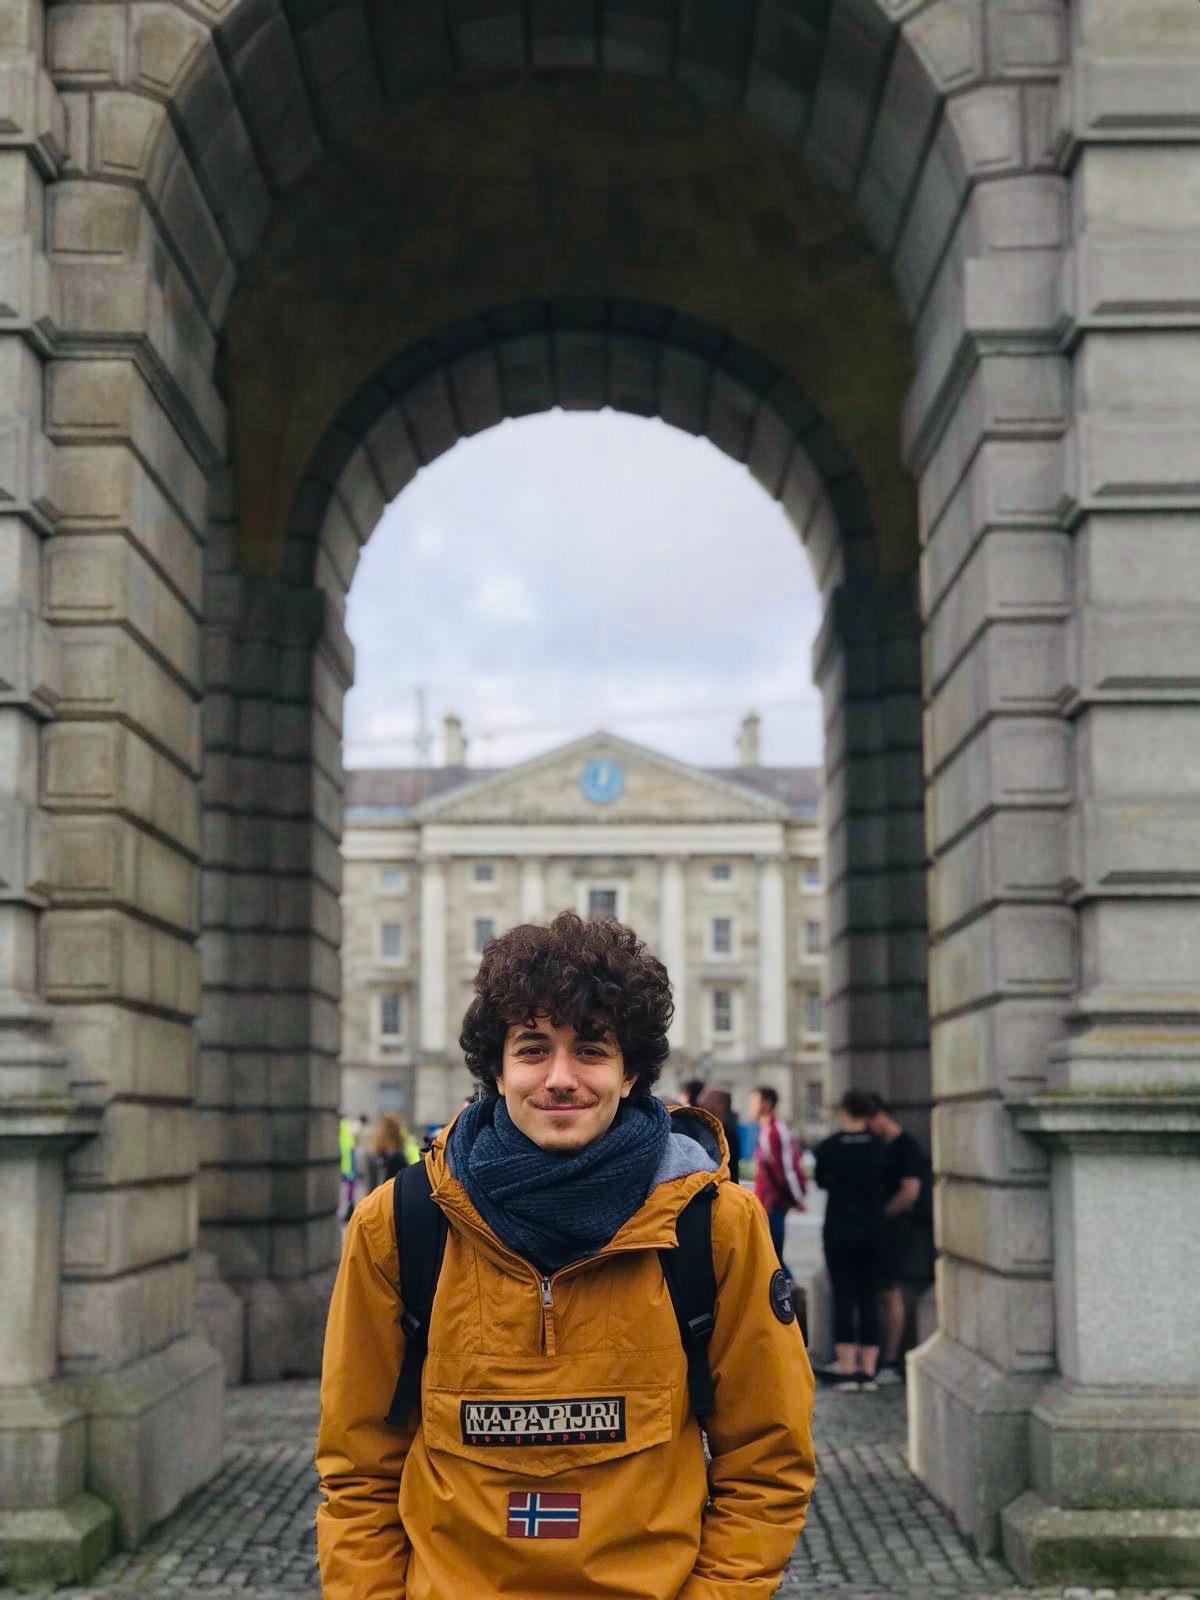 English literature graduate Mattia Maglione